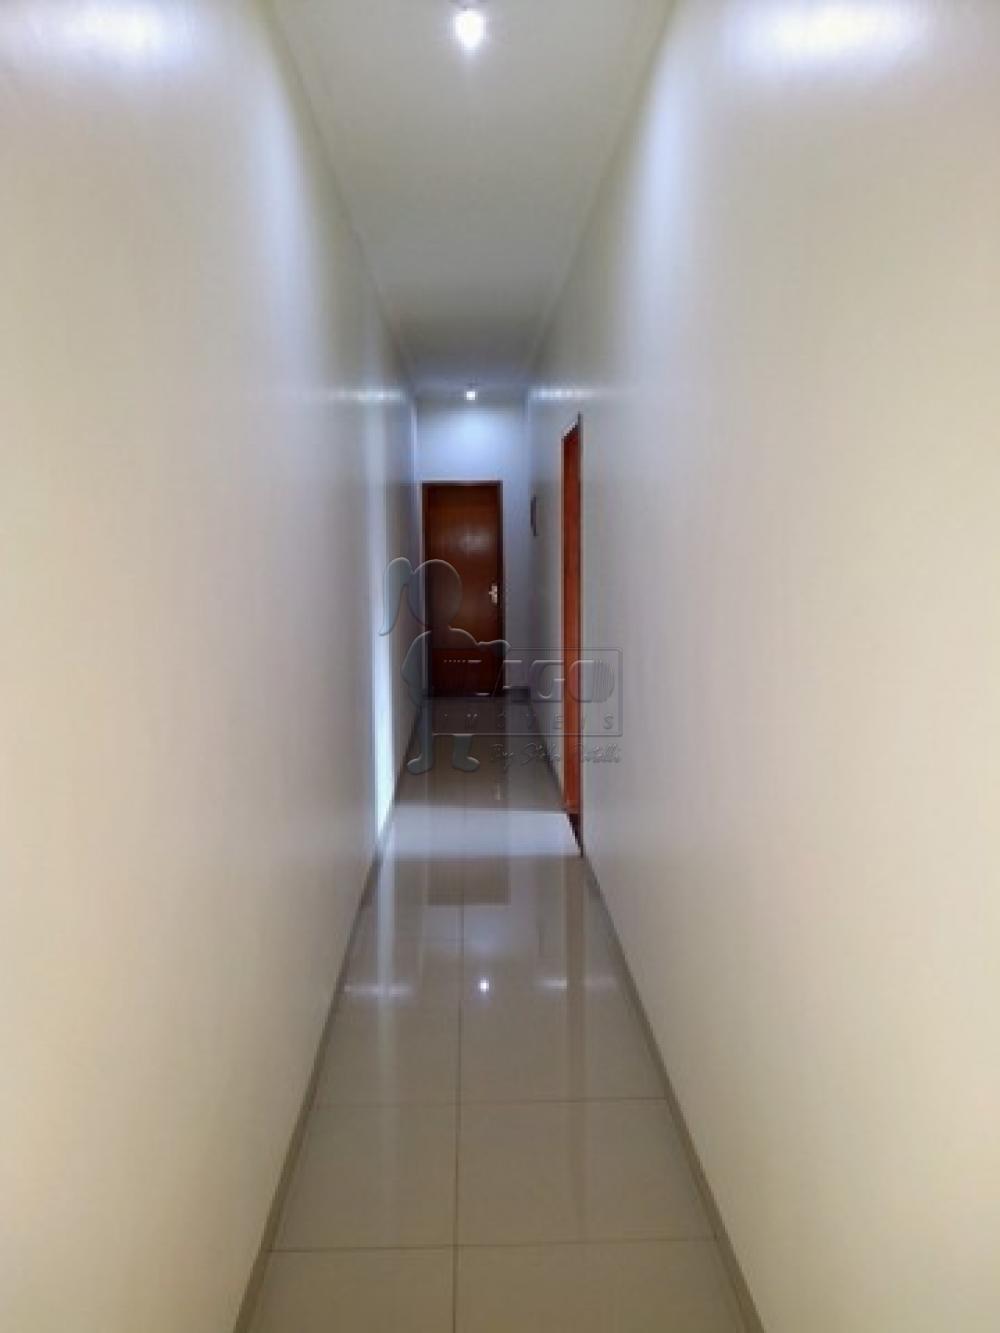 Comprar Casas / Padrão em Sertãozinho R$ 440.000,00 - Foto 15